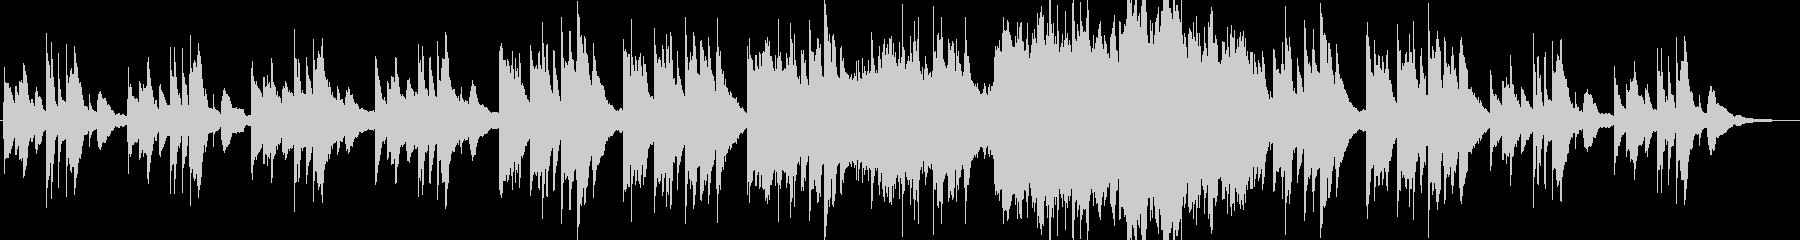 切ない雰囲気の綺麗なクラシックBGMの未再生の波形